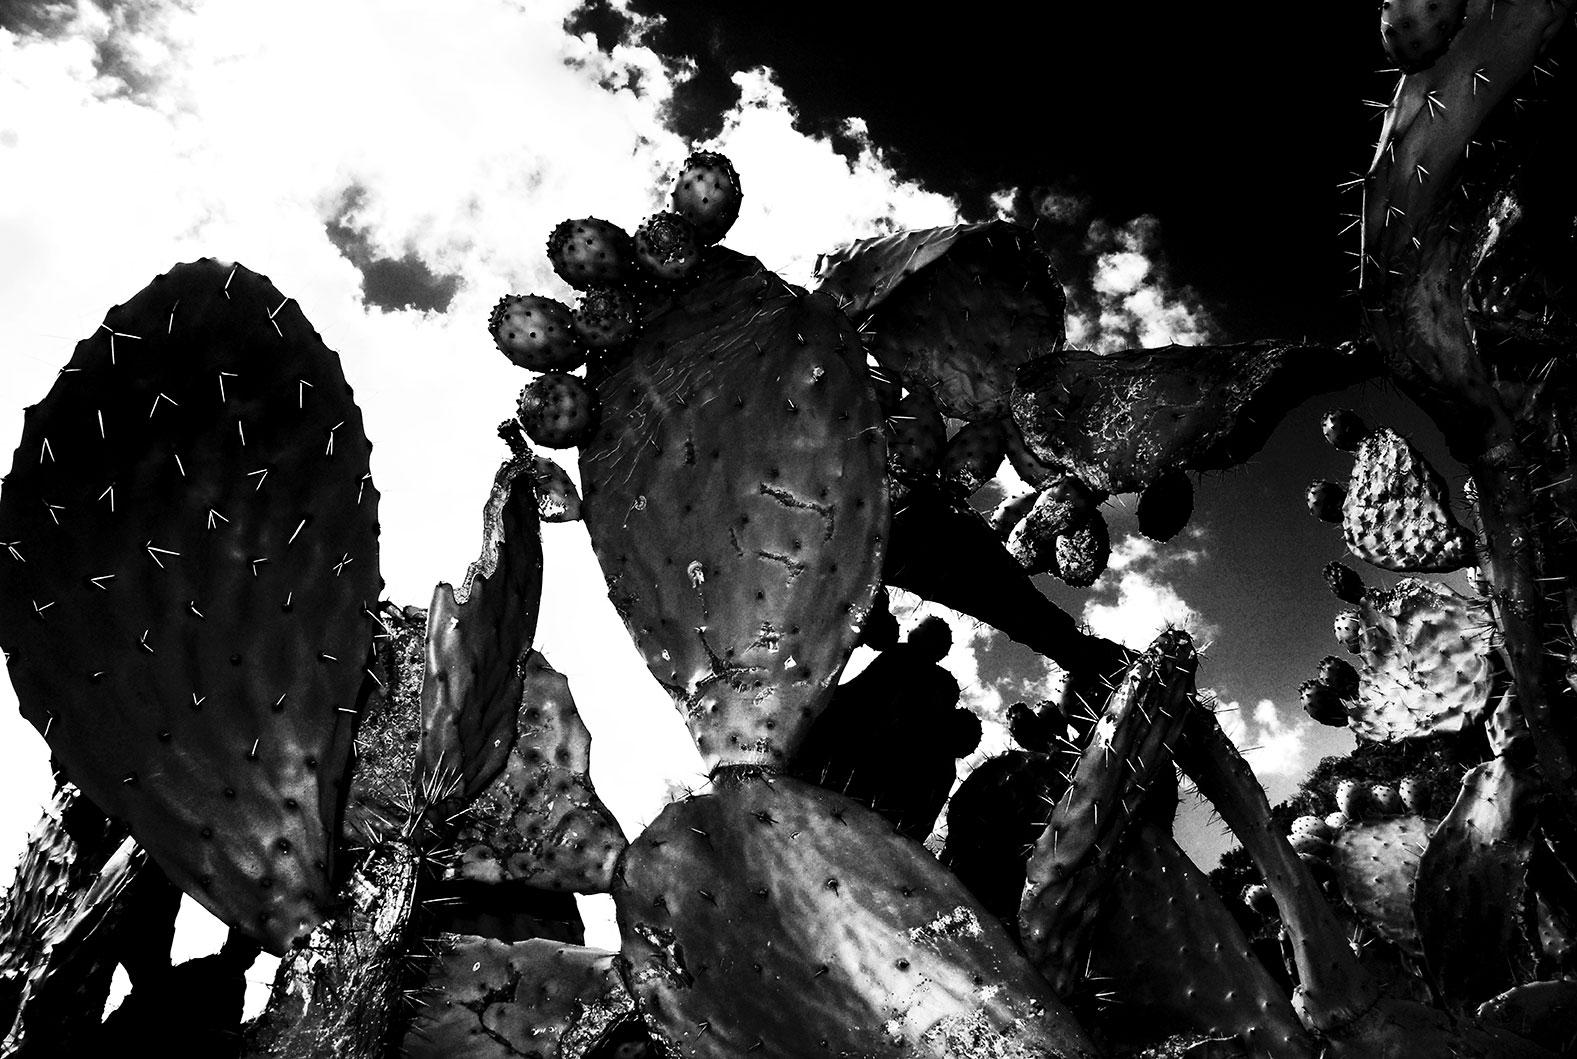 CVW_0199-kaktusSardinien_55x37.jpg